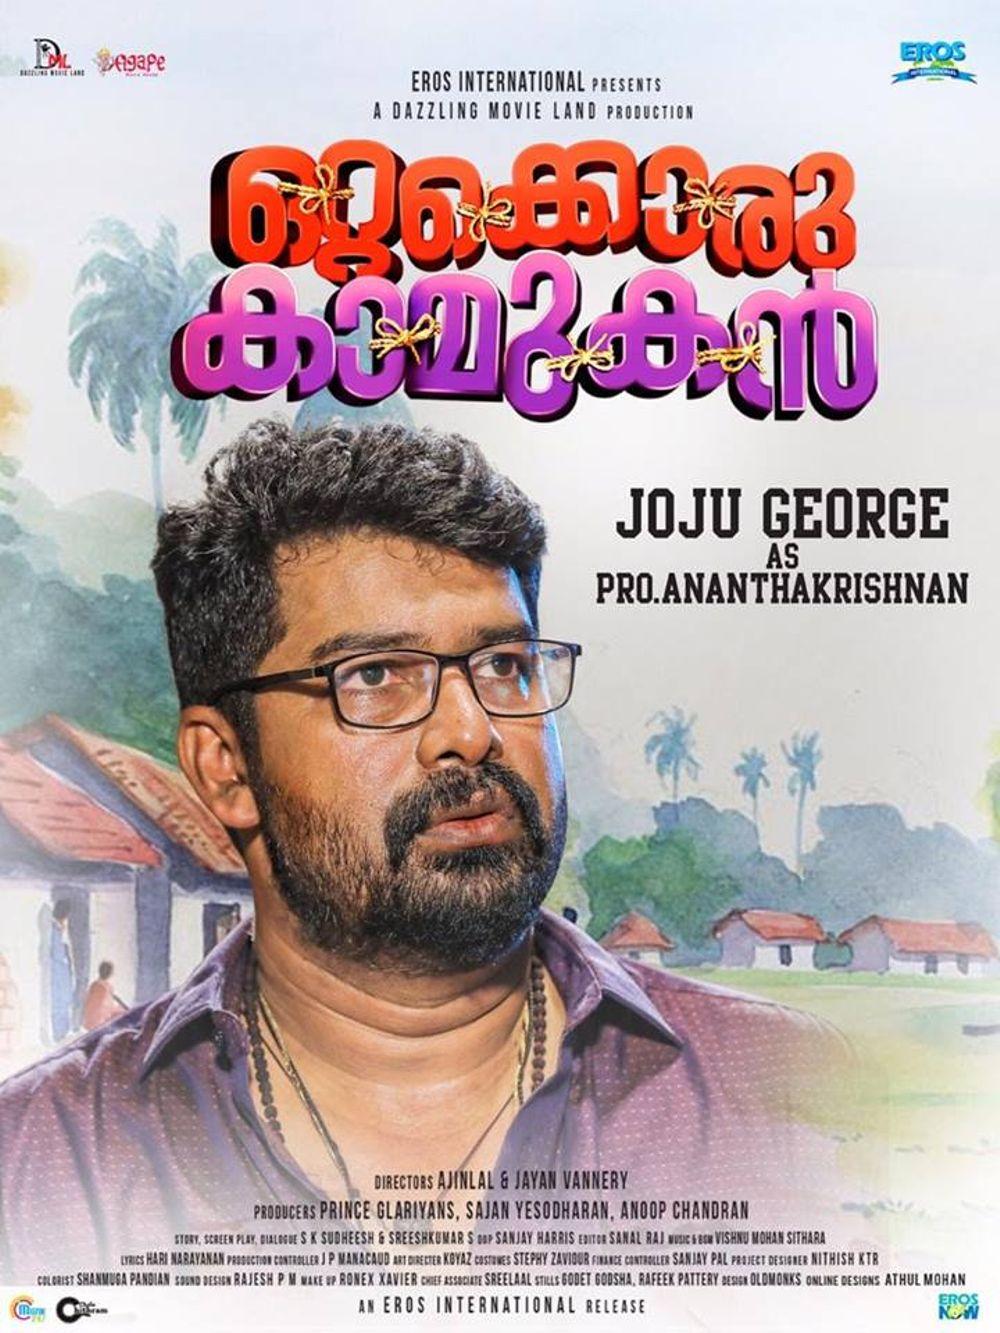 Ottakkoru Kamukan Movie Review